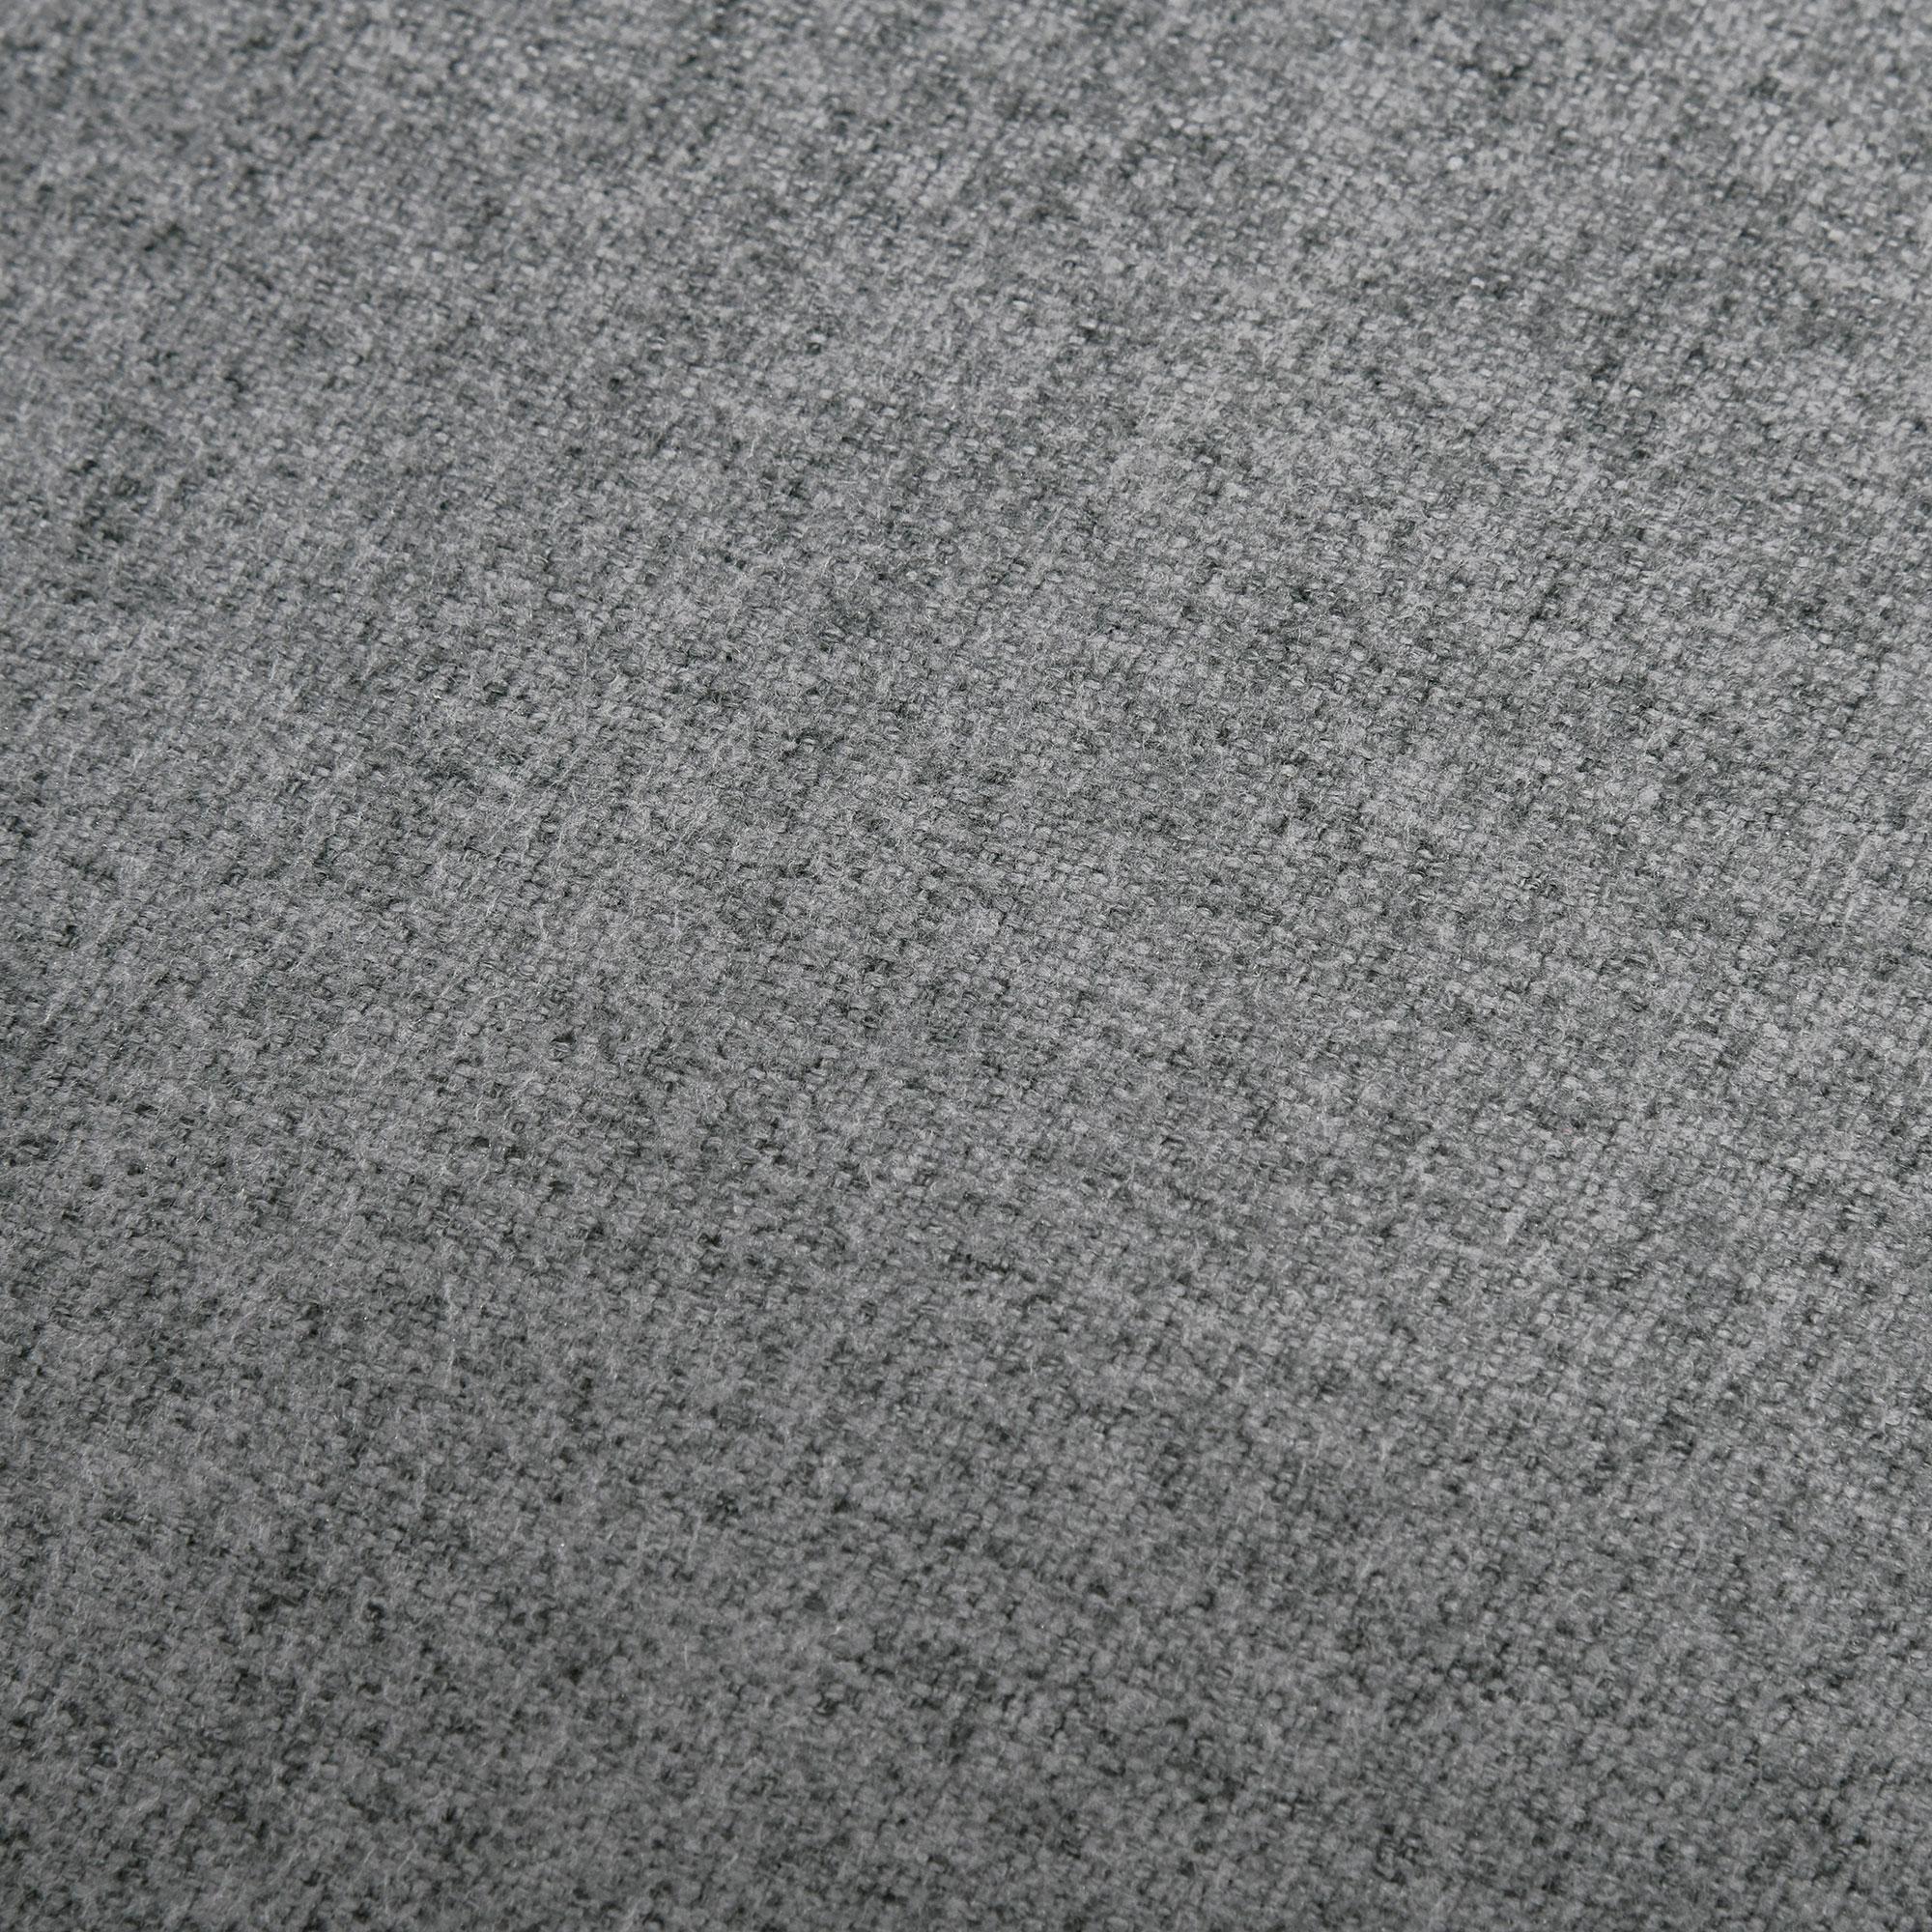 Indexbild 12 - Sitzsack Sitzkissen gepolstert Polyester Schaumstoff 3 Farben